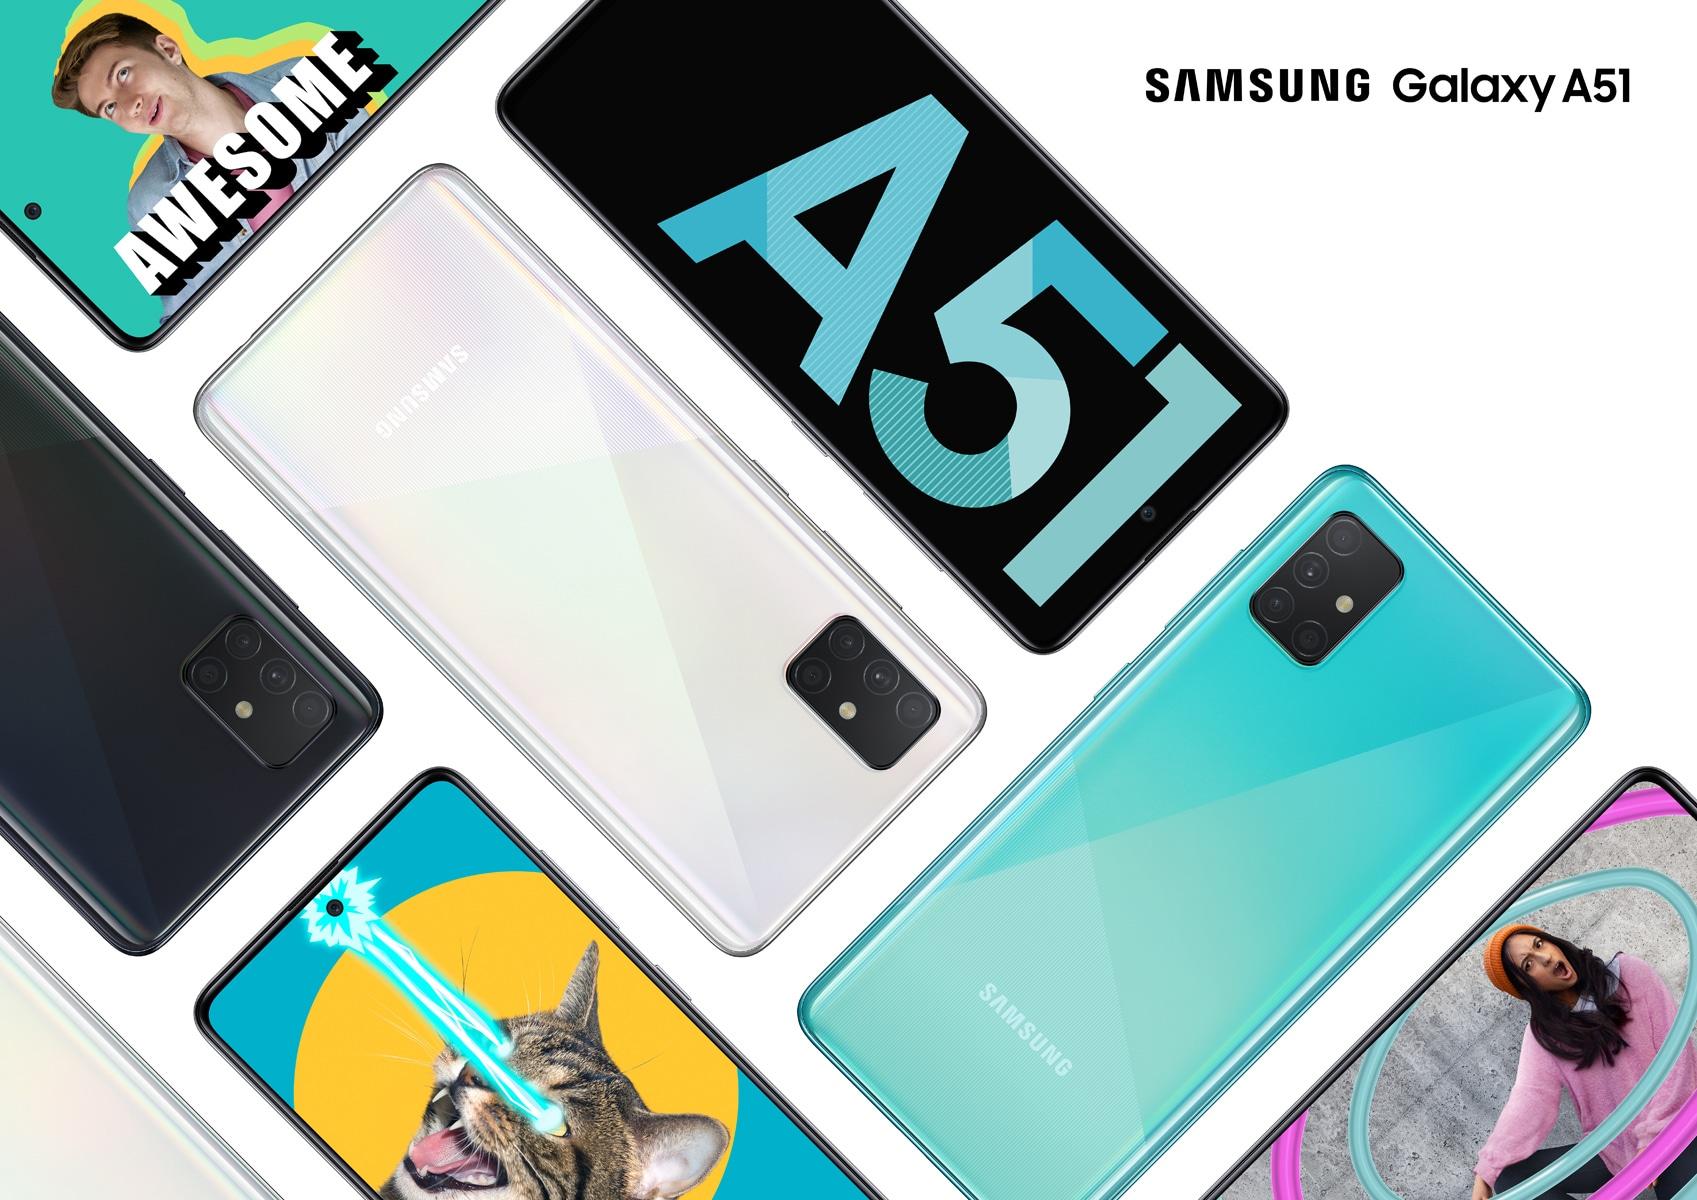 Samsung lancia il nuovo Galaxy A51 5G, stessa qualità di Galaxy A51 con il supporto al 5G (foto)